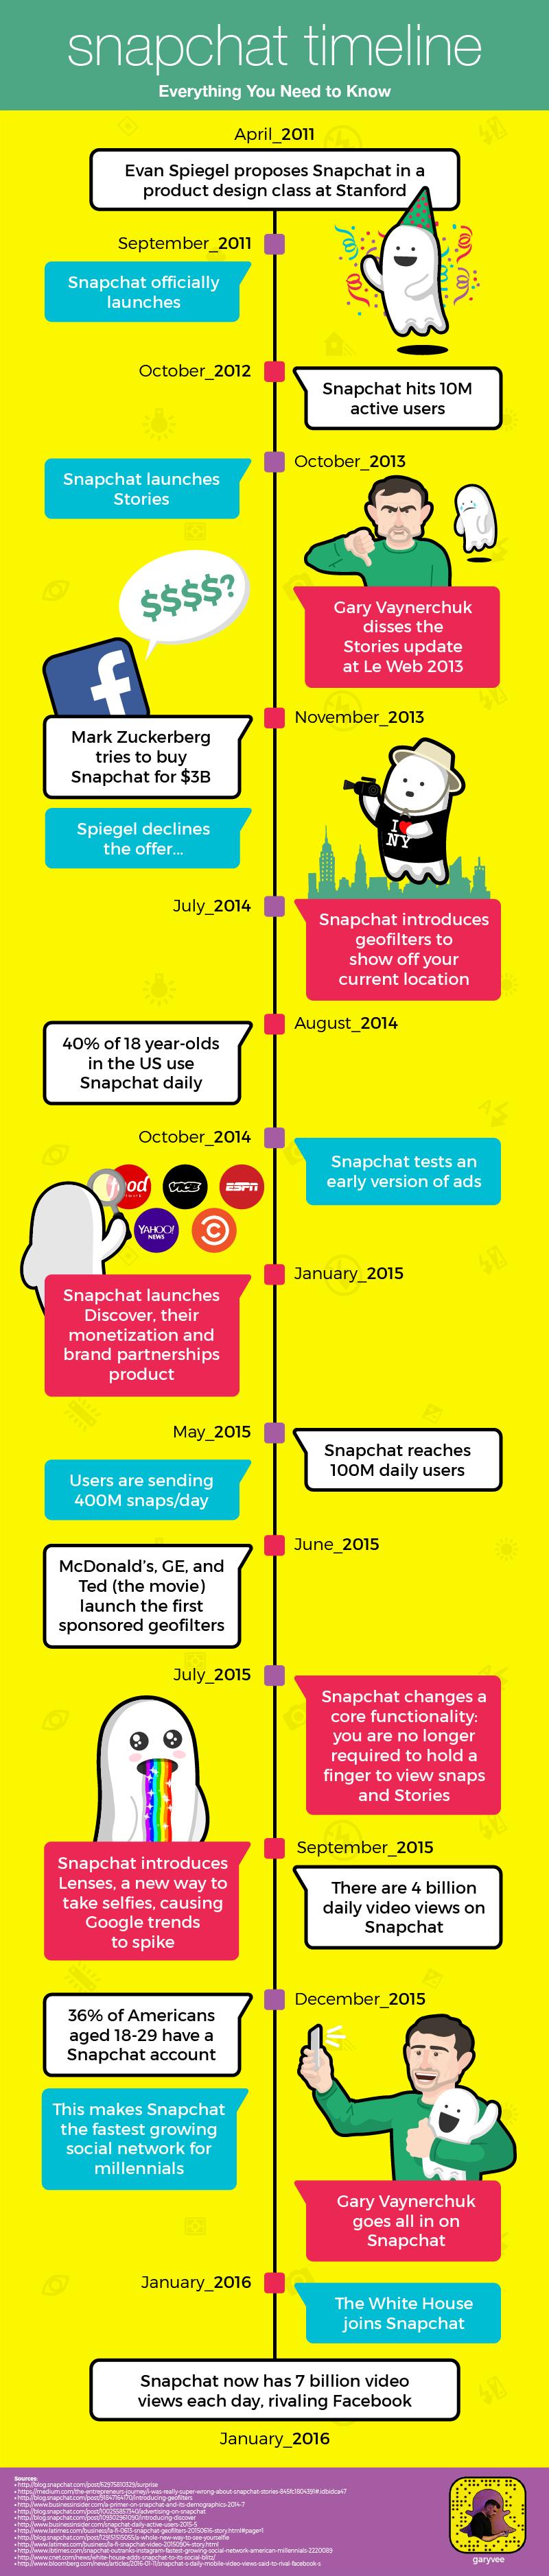 """""""快照"""" 一代: Snapchat 发展历程导读"""